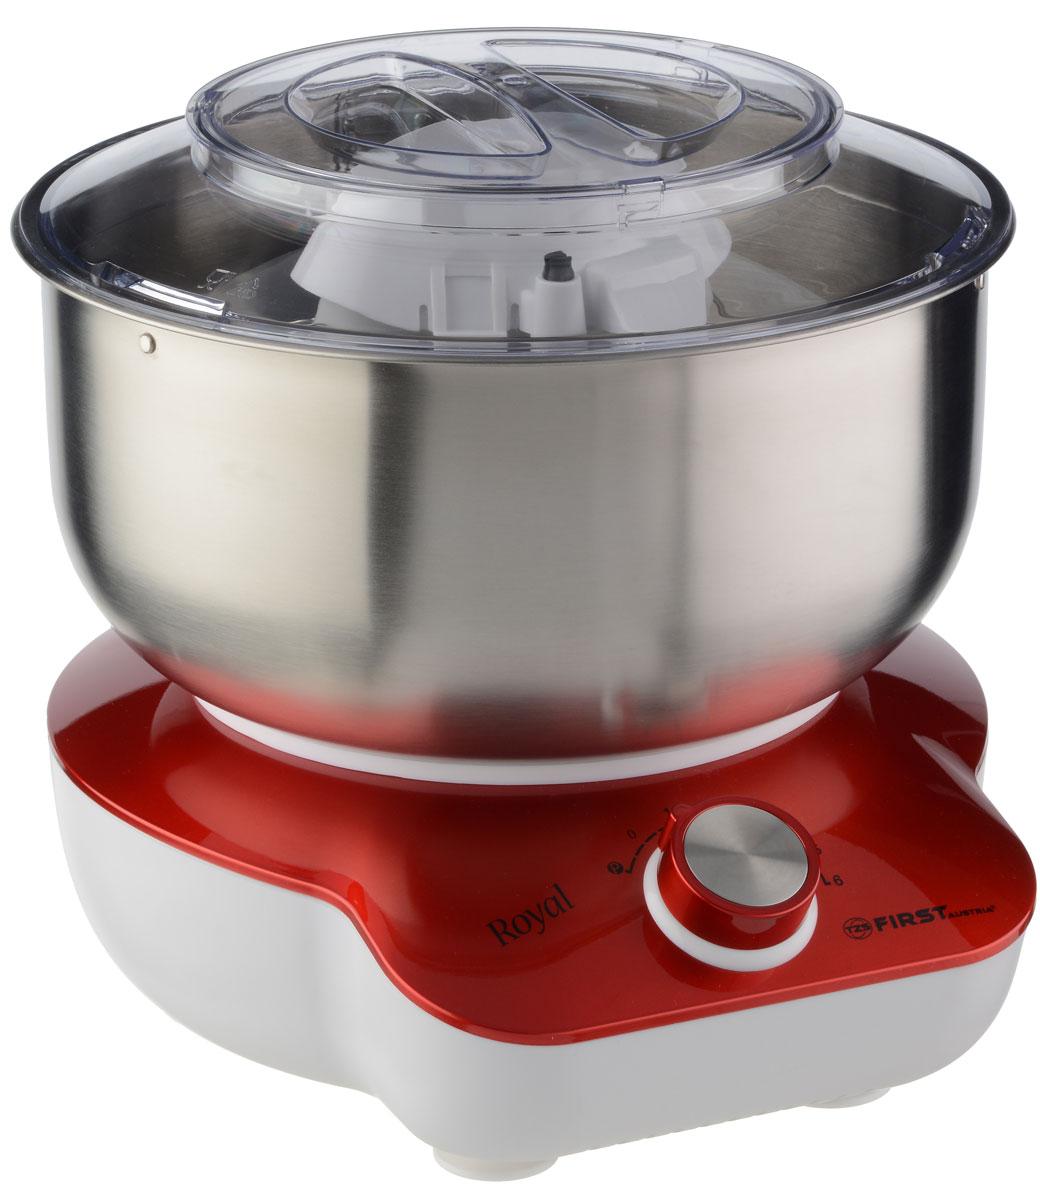 First FA-5259-2, Red миксер-тестомесFA-5259-2-REМиксер-тестомес First 5259-2 станет прекрасным помощником для любой хозяйки. С ним вы сможете готовить невероятно вкусные и аппетитные блюда, при этом сократив время их приготовления. Основным назначением прибора является изготовление различных видов теста и кремов. Тестомес качественно и быстро перемешивает различные ингредиенты, что дает возможность избежать комочков. First 5259-2 снабжен 5 л чашей из нержавеющей стали. 6 скоростей замешивания обеспечат наилучший результат.